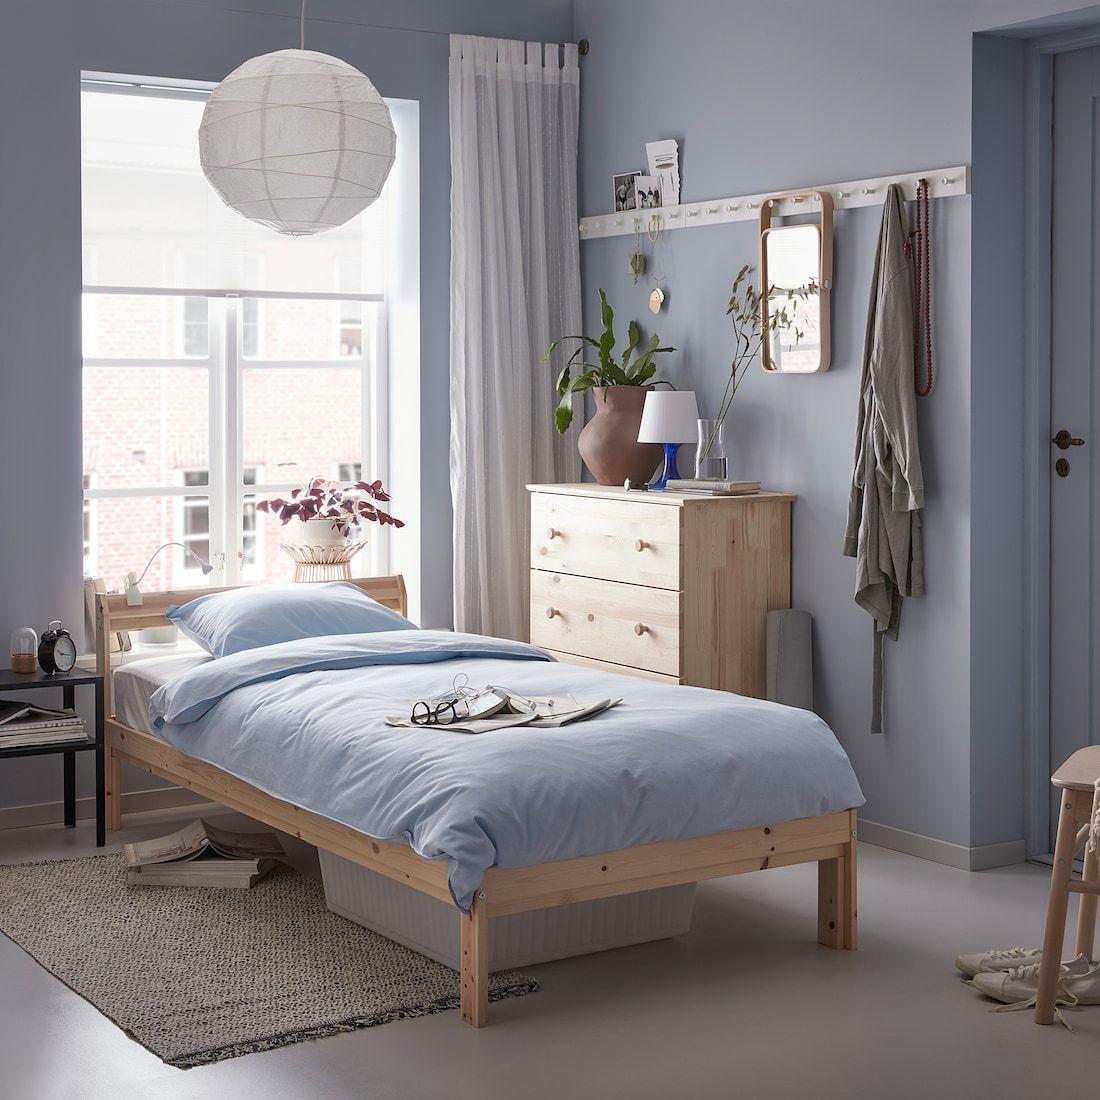 Neiden Bed Frame Pine Birch Luroy Twin Ikea In 2020 Wooden Bed Frames Wooden Bed Bed Frame